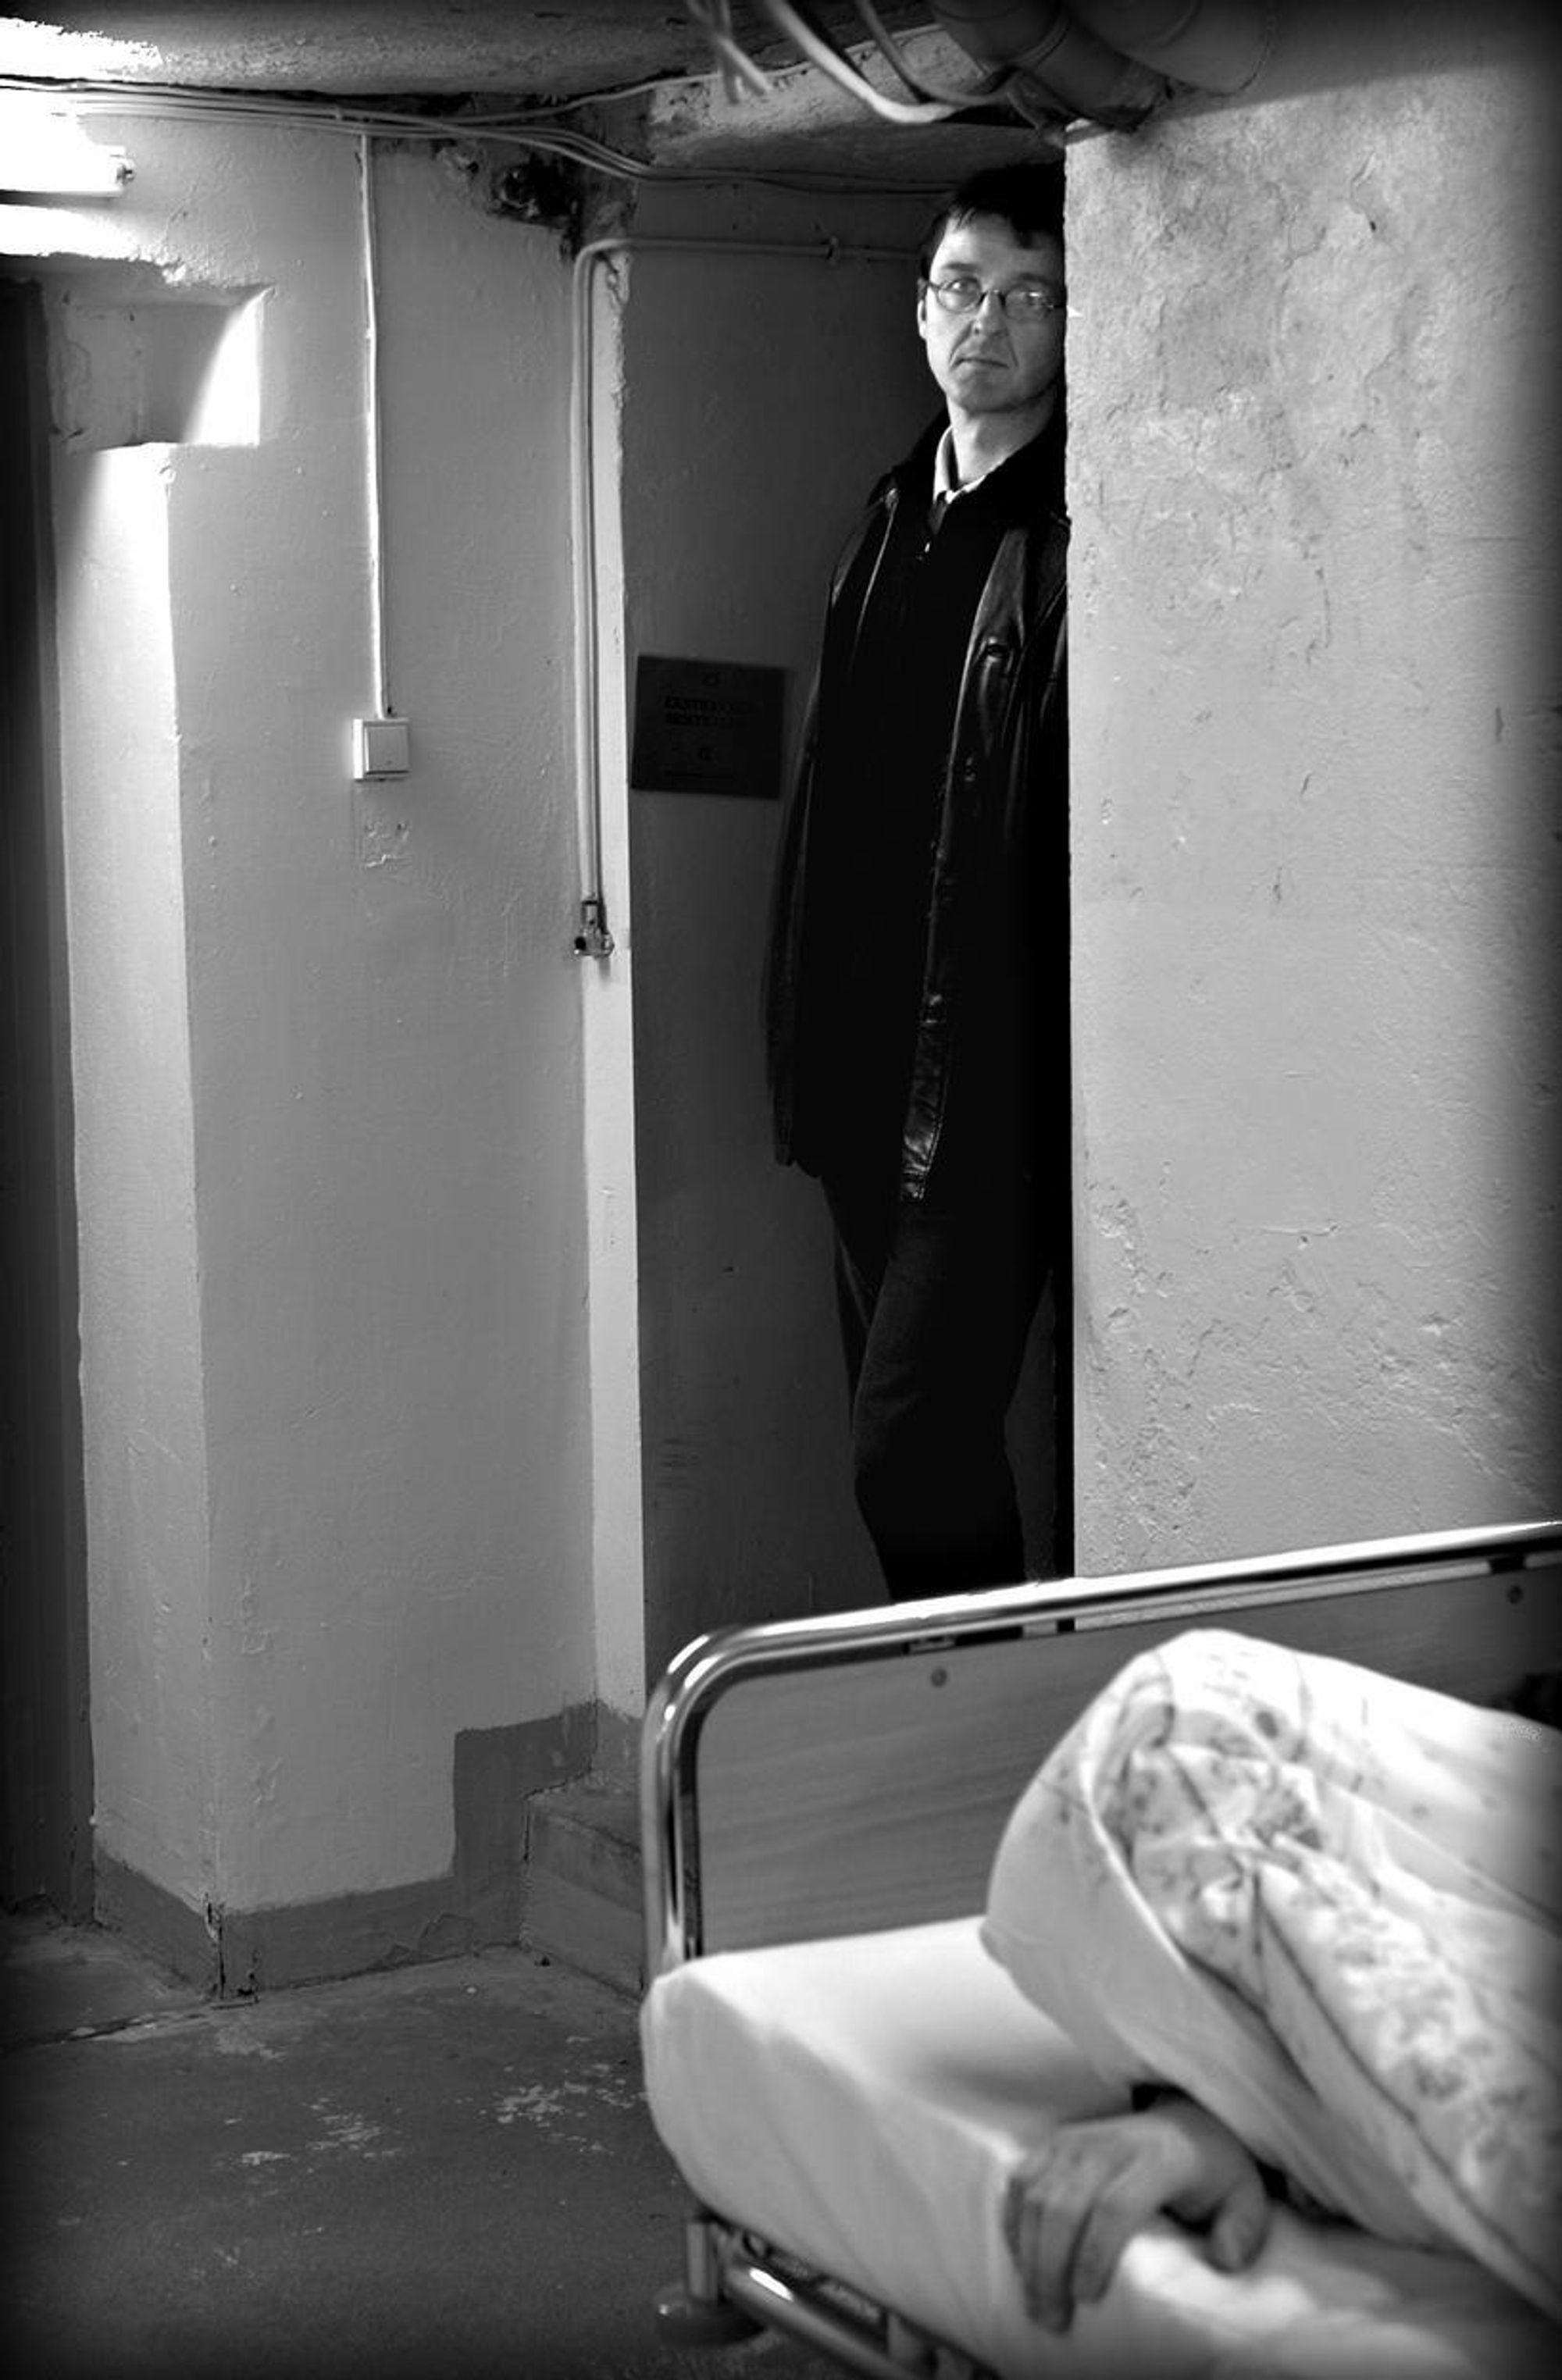 PÅ ÅSTEDET: Forfatteren Tore Oksenholm er her avbildet på åstedet i thrilleren.